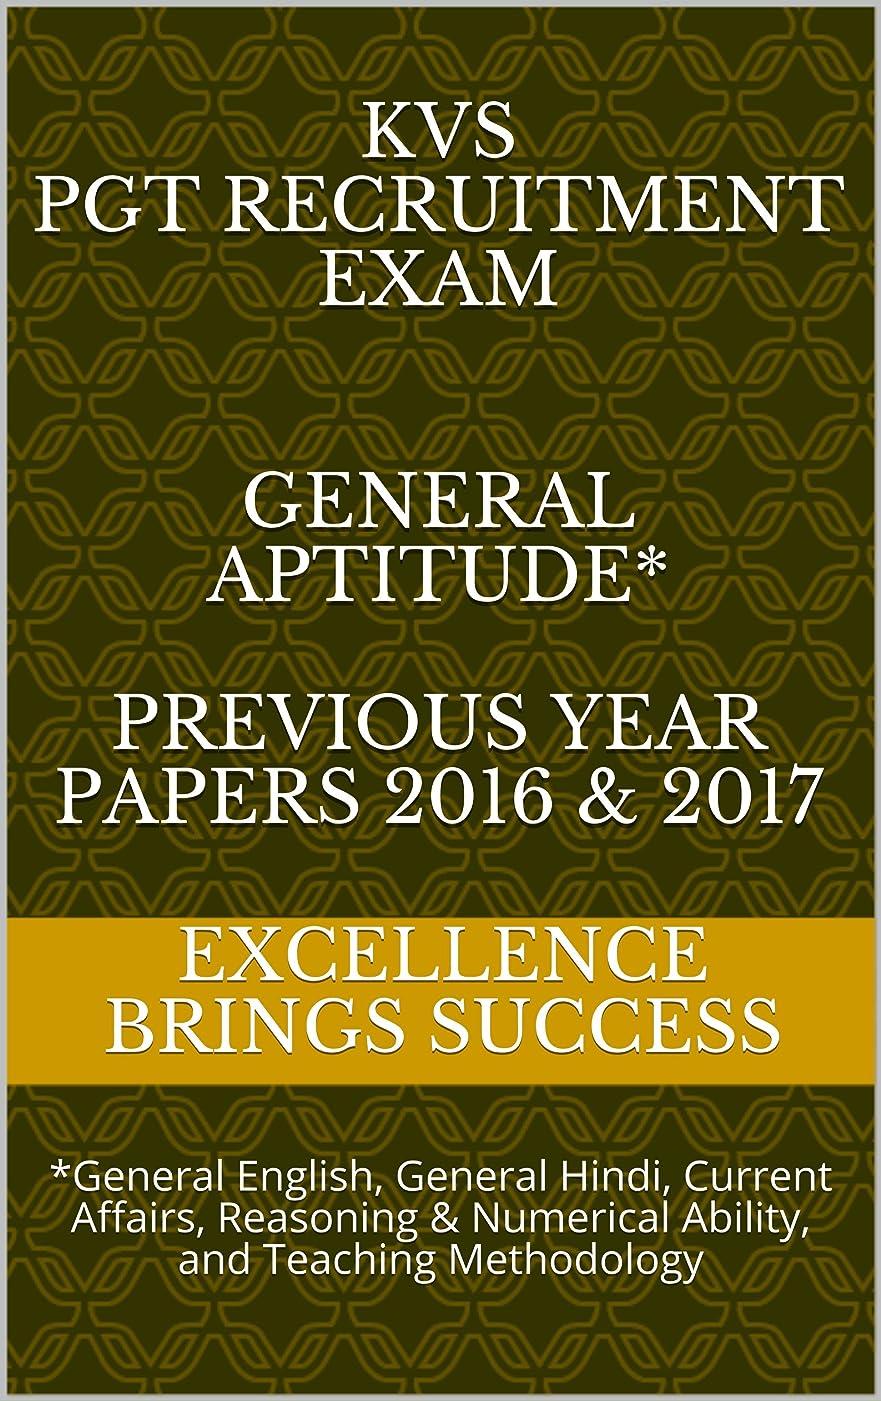 チューブ横にホストKVS   PGT Recruitment Exam   General Aptitude*   Previous Year Papers 2016 & 2017: *General English, General Hindi, Current Affairs, Reasoning & Numerical ... Success Series Book 14) (English Edition)